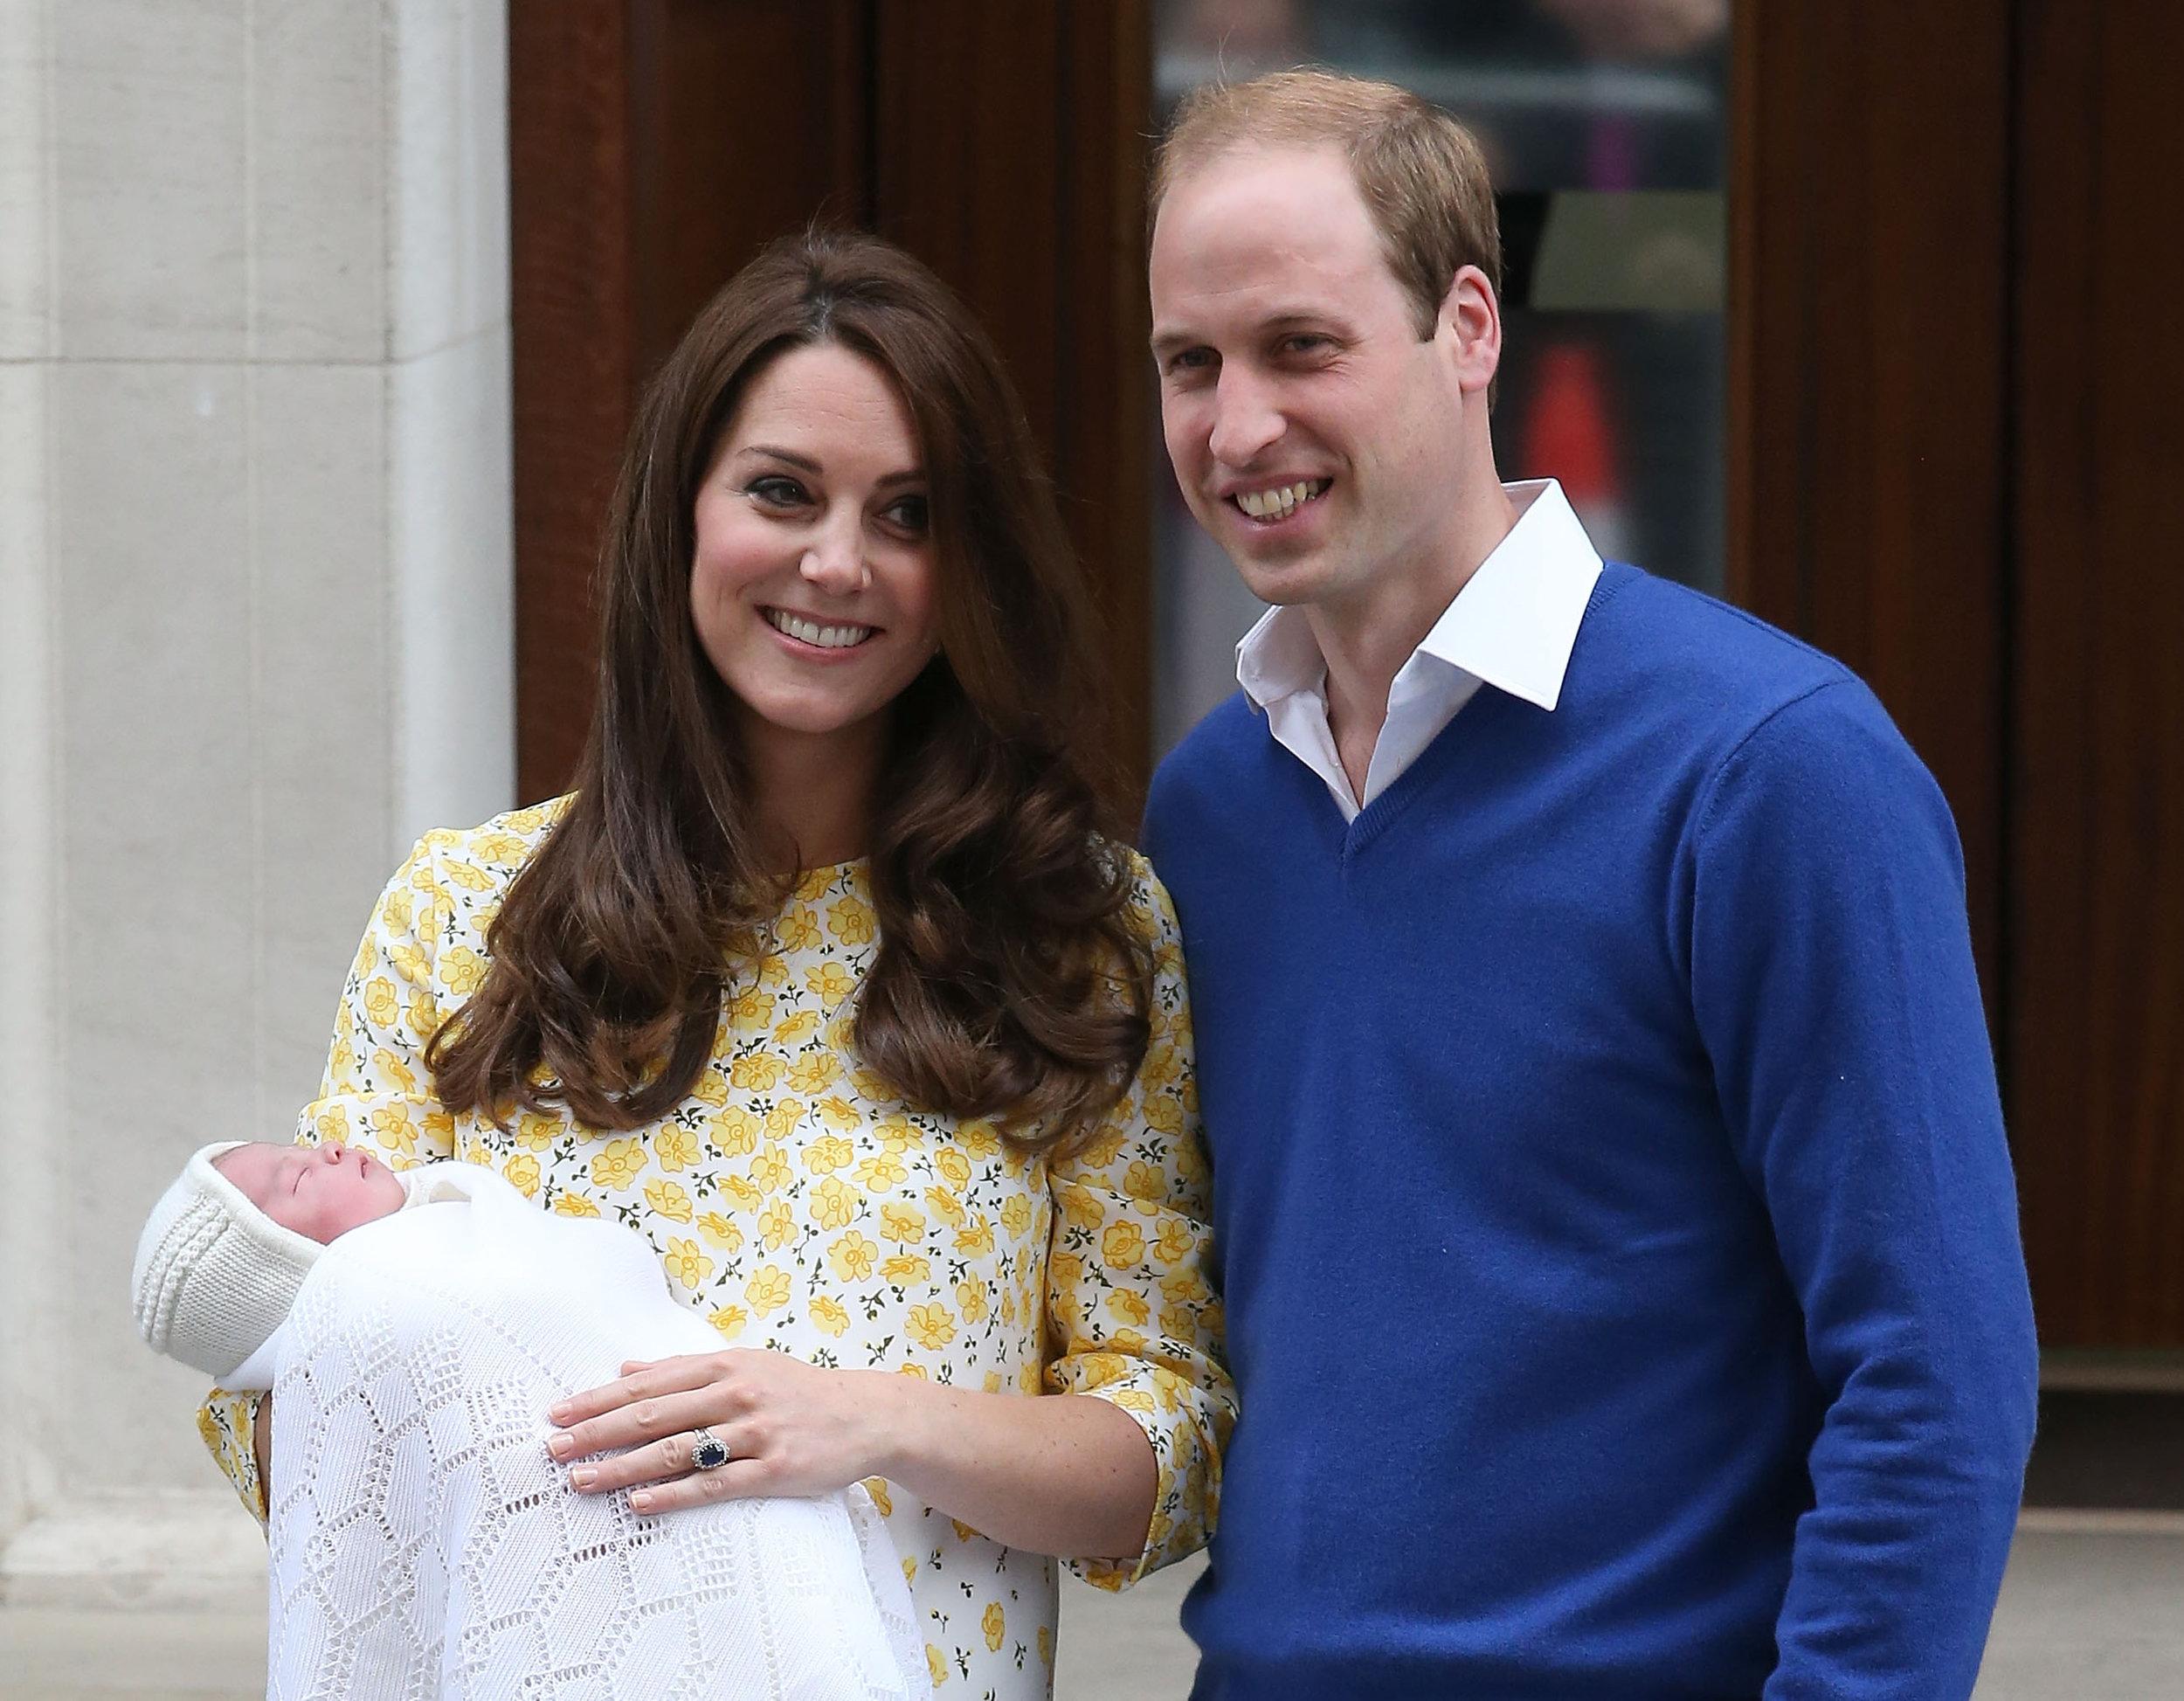 Überglücklich! Kate und William freuen sich über Töchterchen Charlotte.   Foto: Getty Images